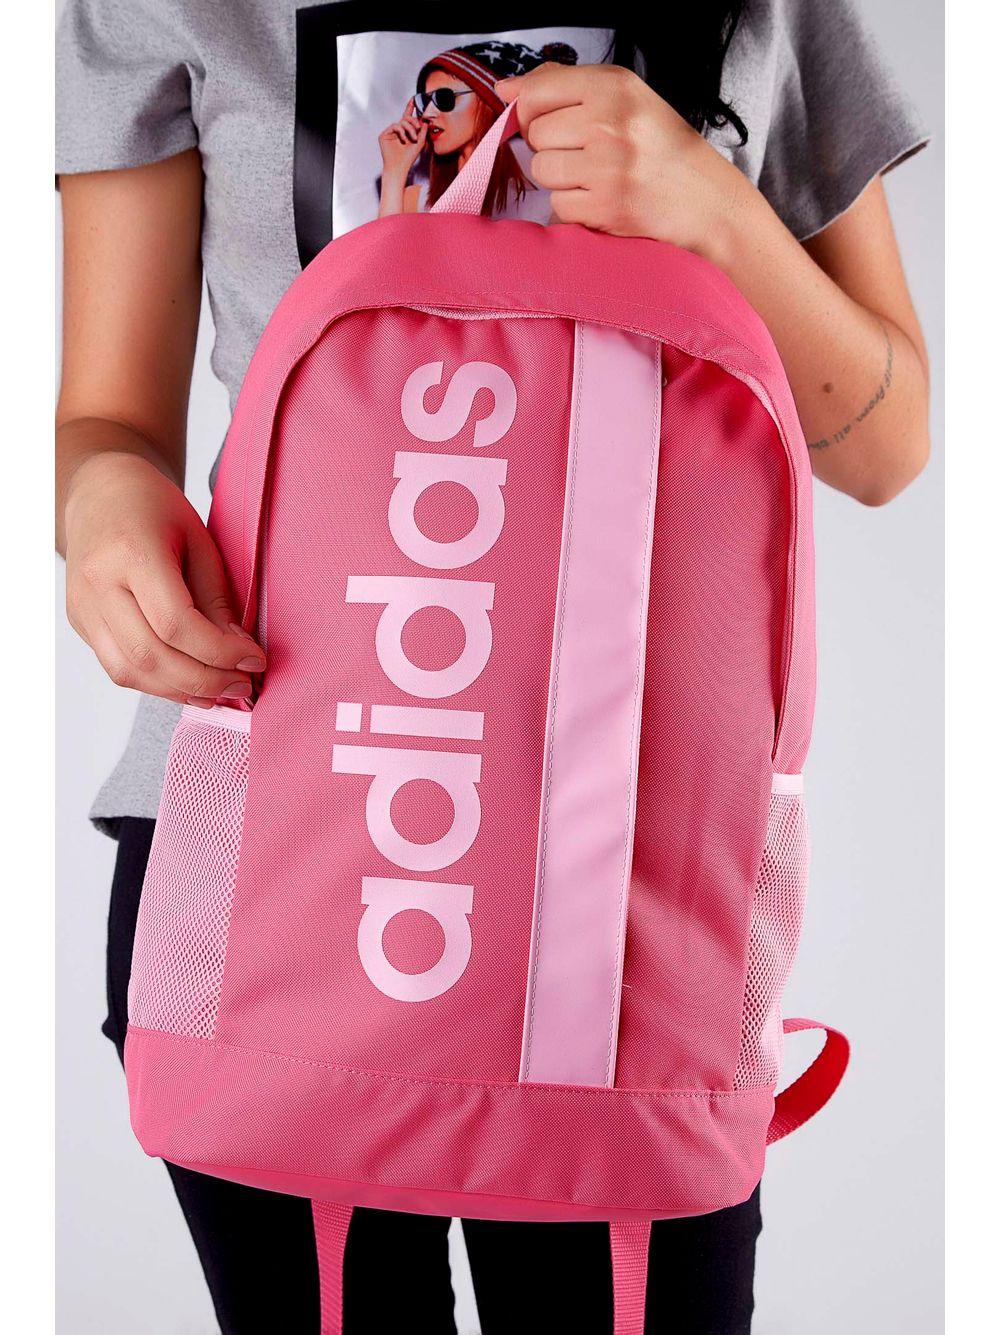 8e83d7a1a Mochila Adidas Dt8619 Linear Core Rosa - pittol